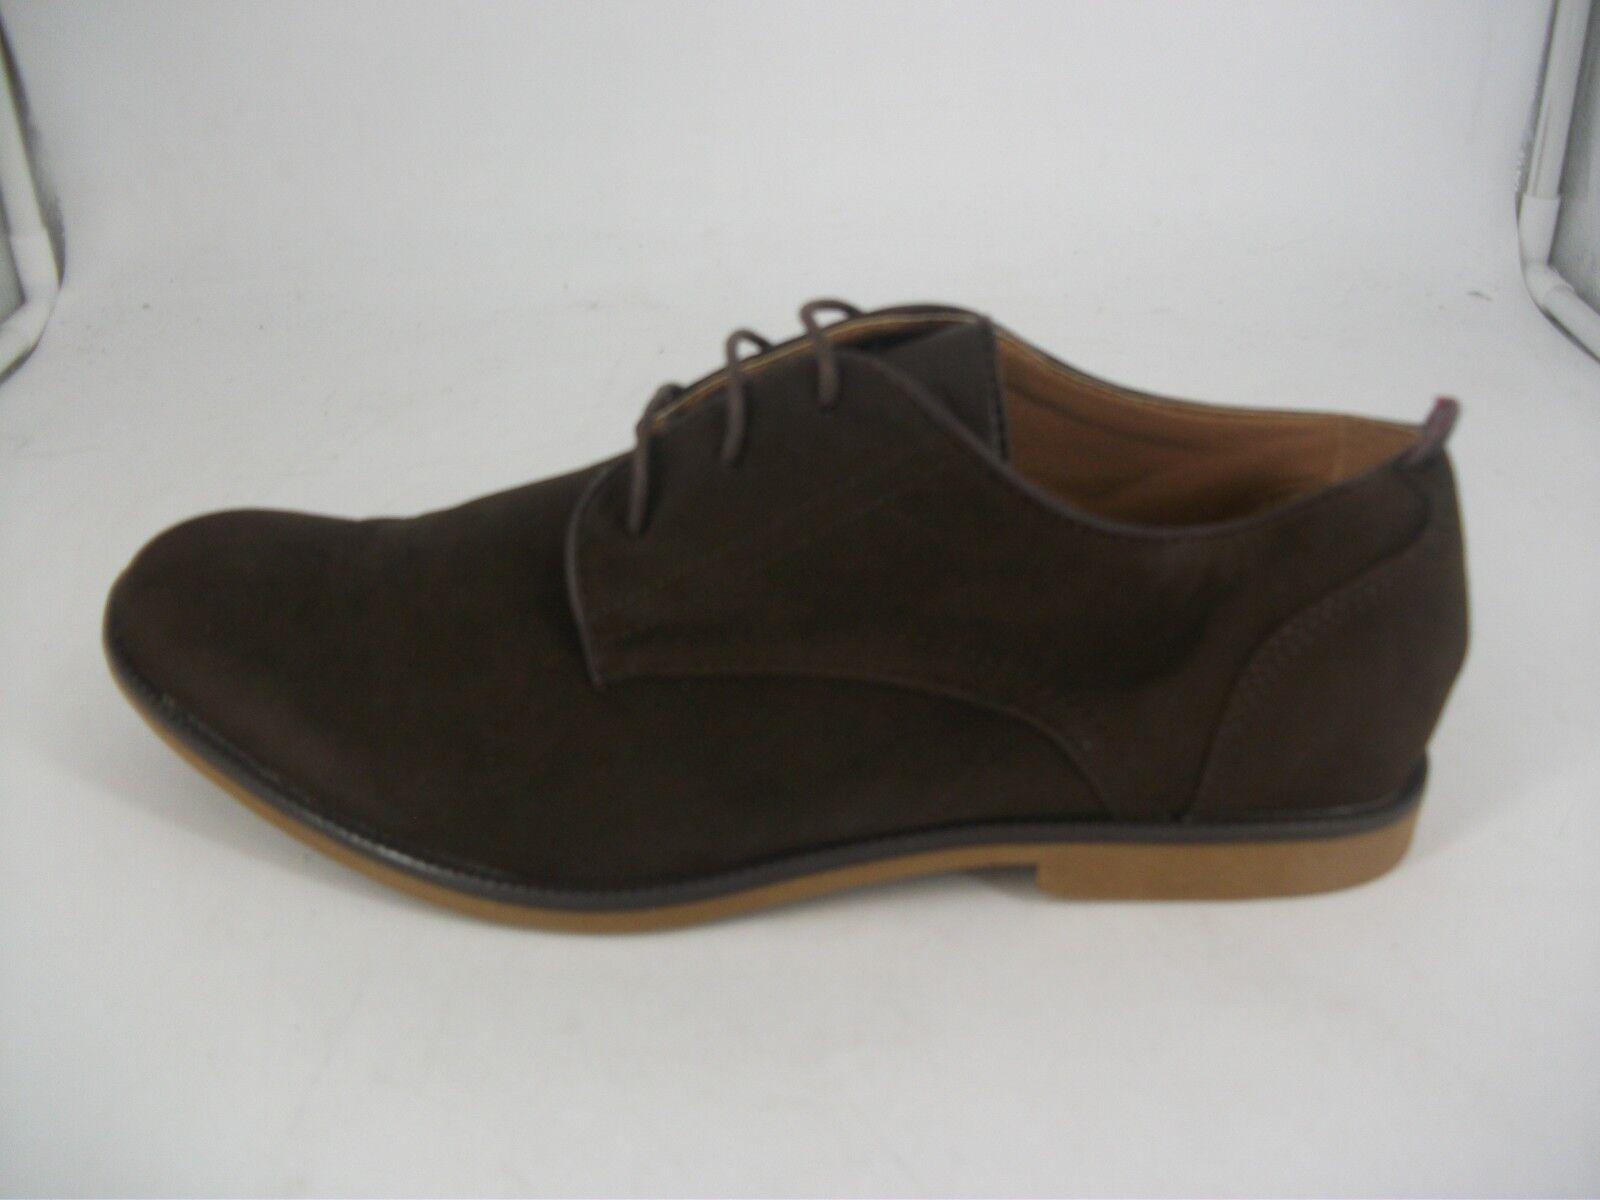 Burton Mid Brown Hamill Lace Up Textile shoes UK 9 EU 43 JS182 XX 09